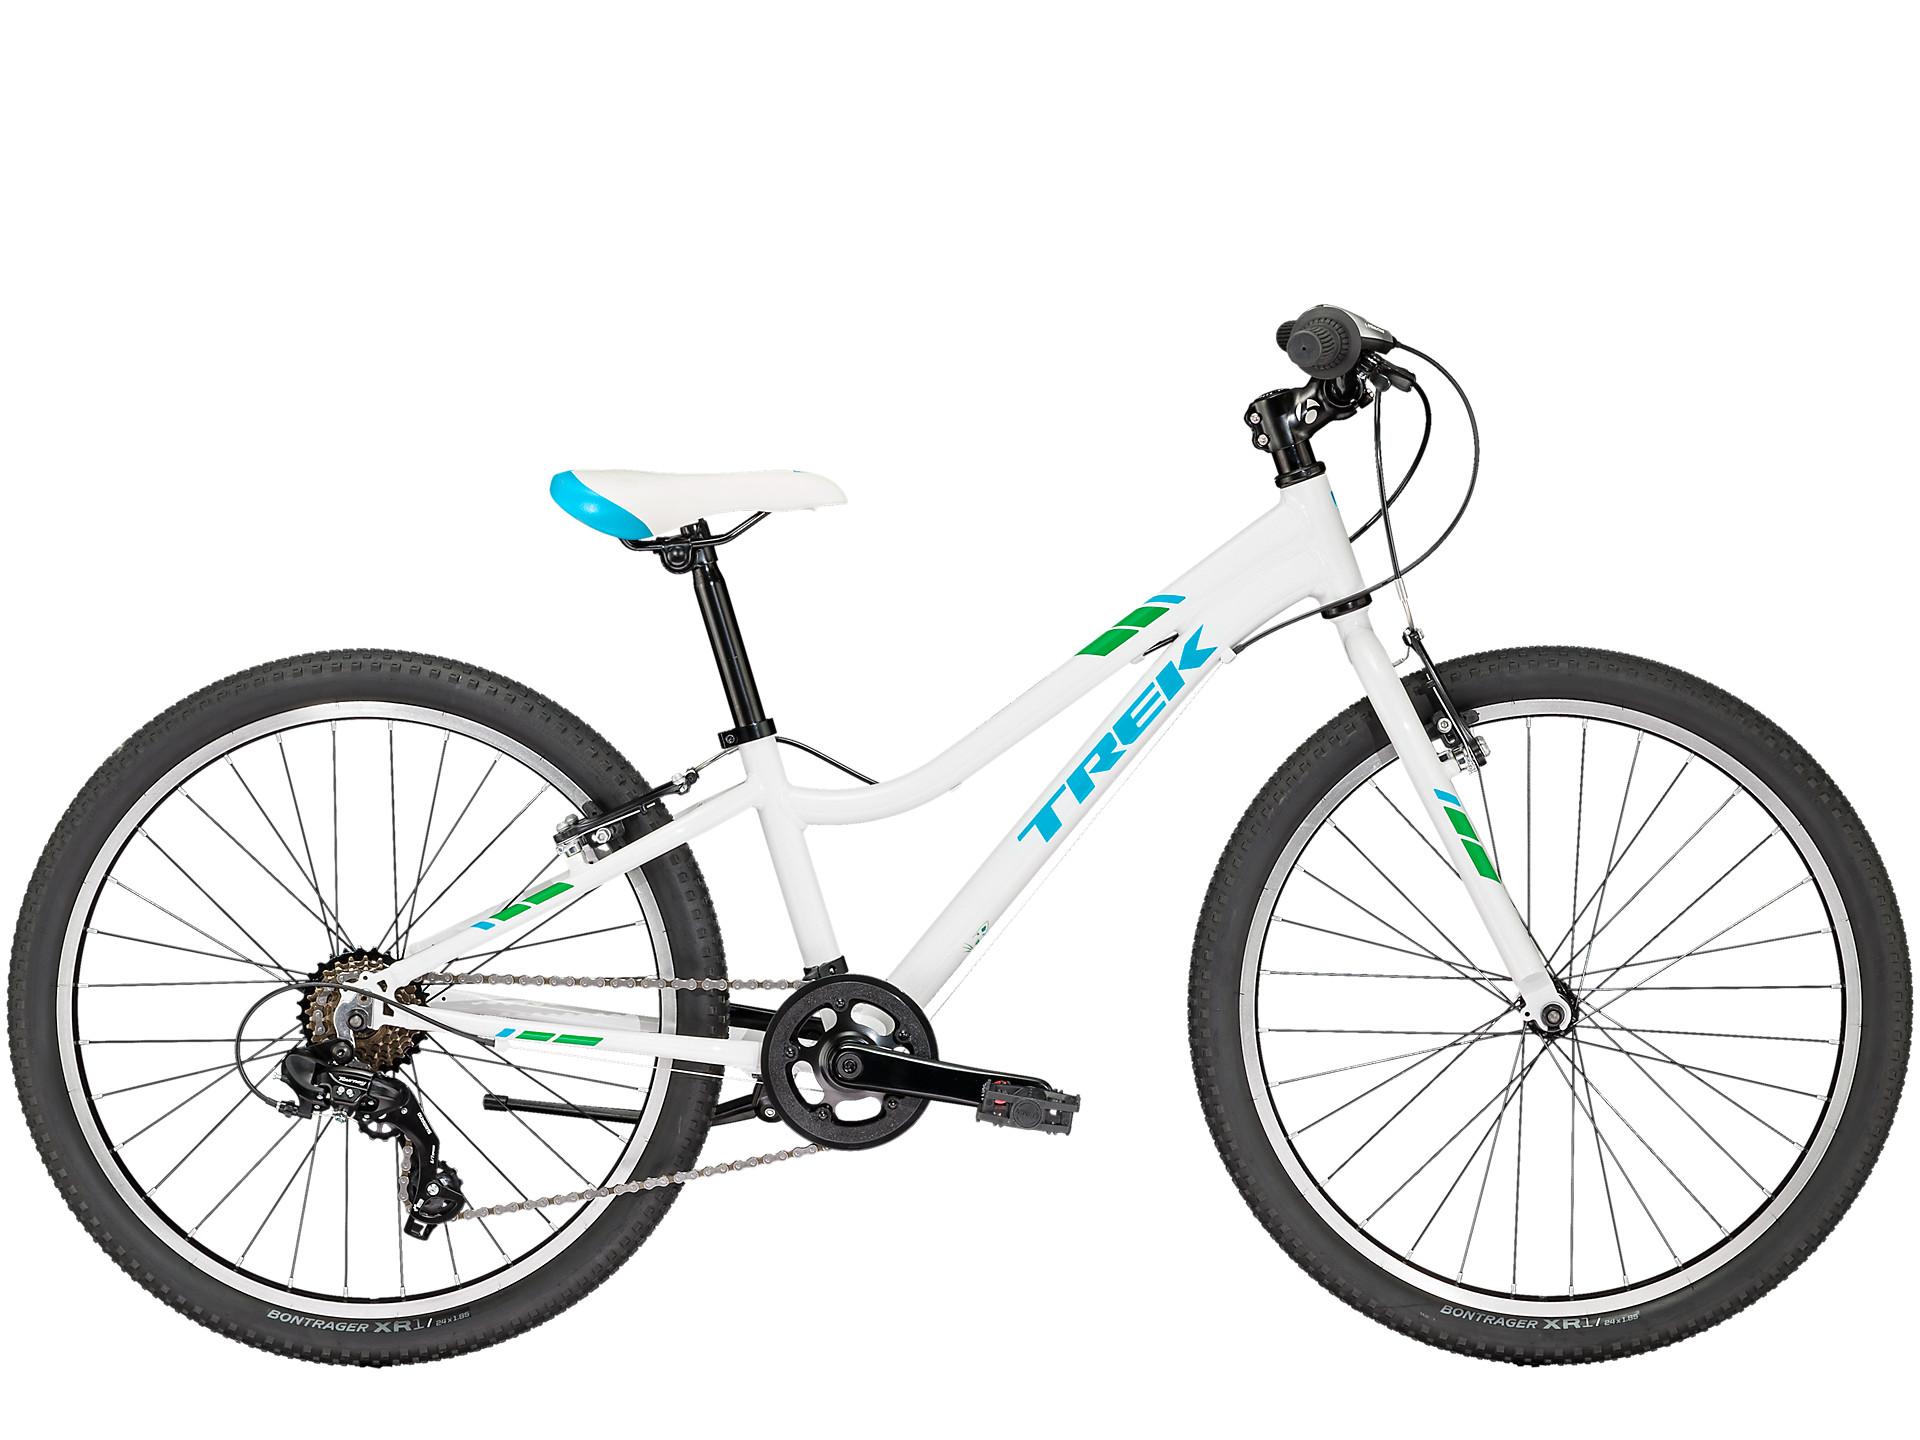 118c4a81a7d Precaliber 24 7-speed Girl's | Trek Bikes